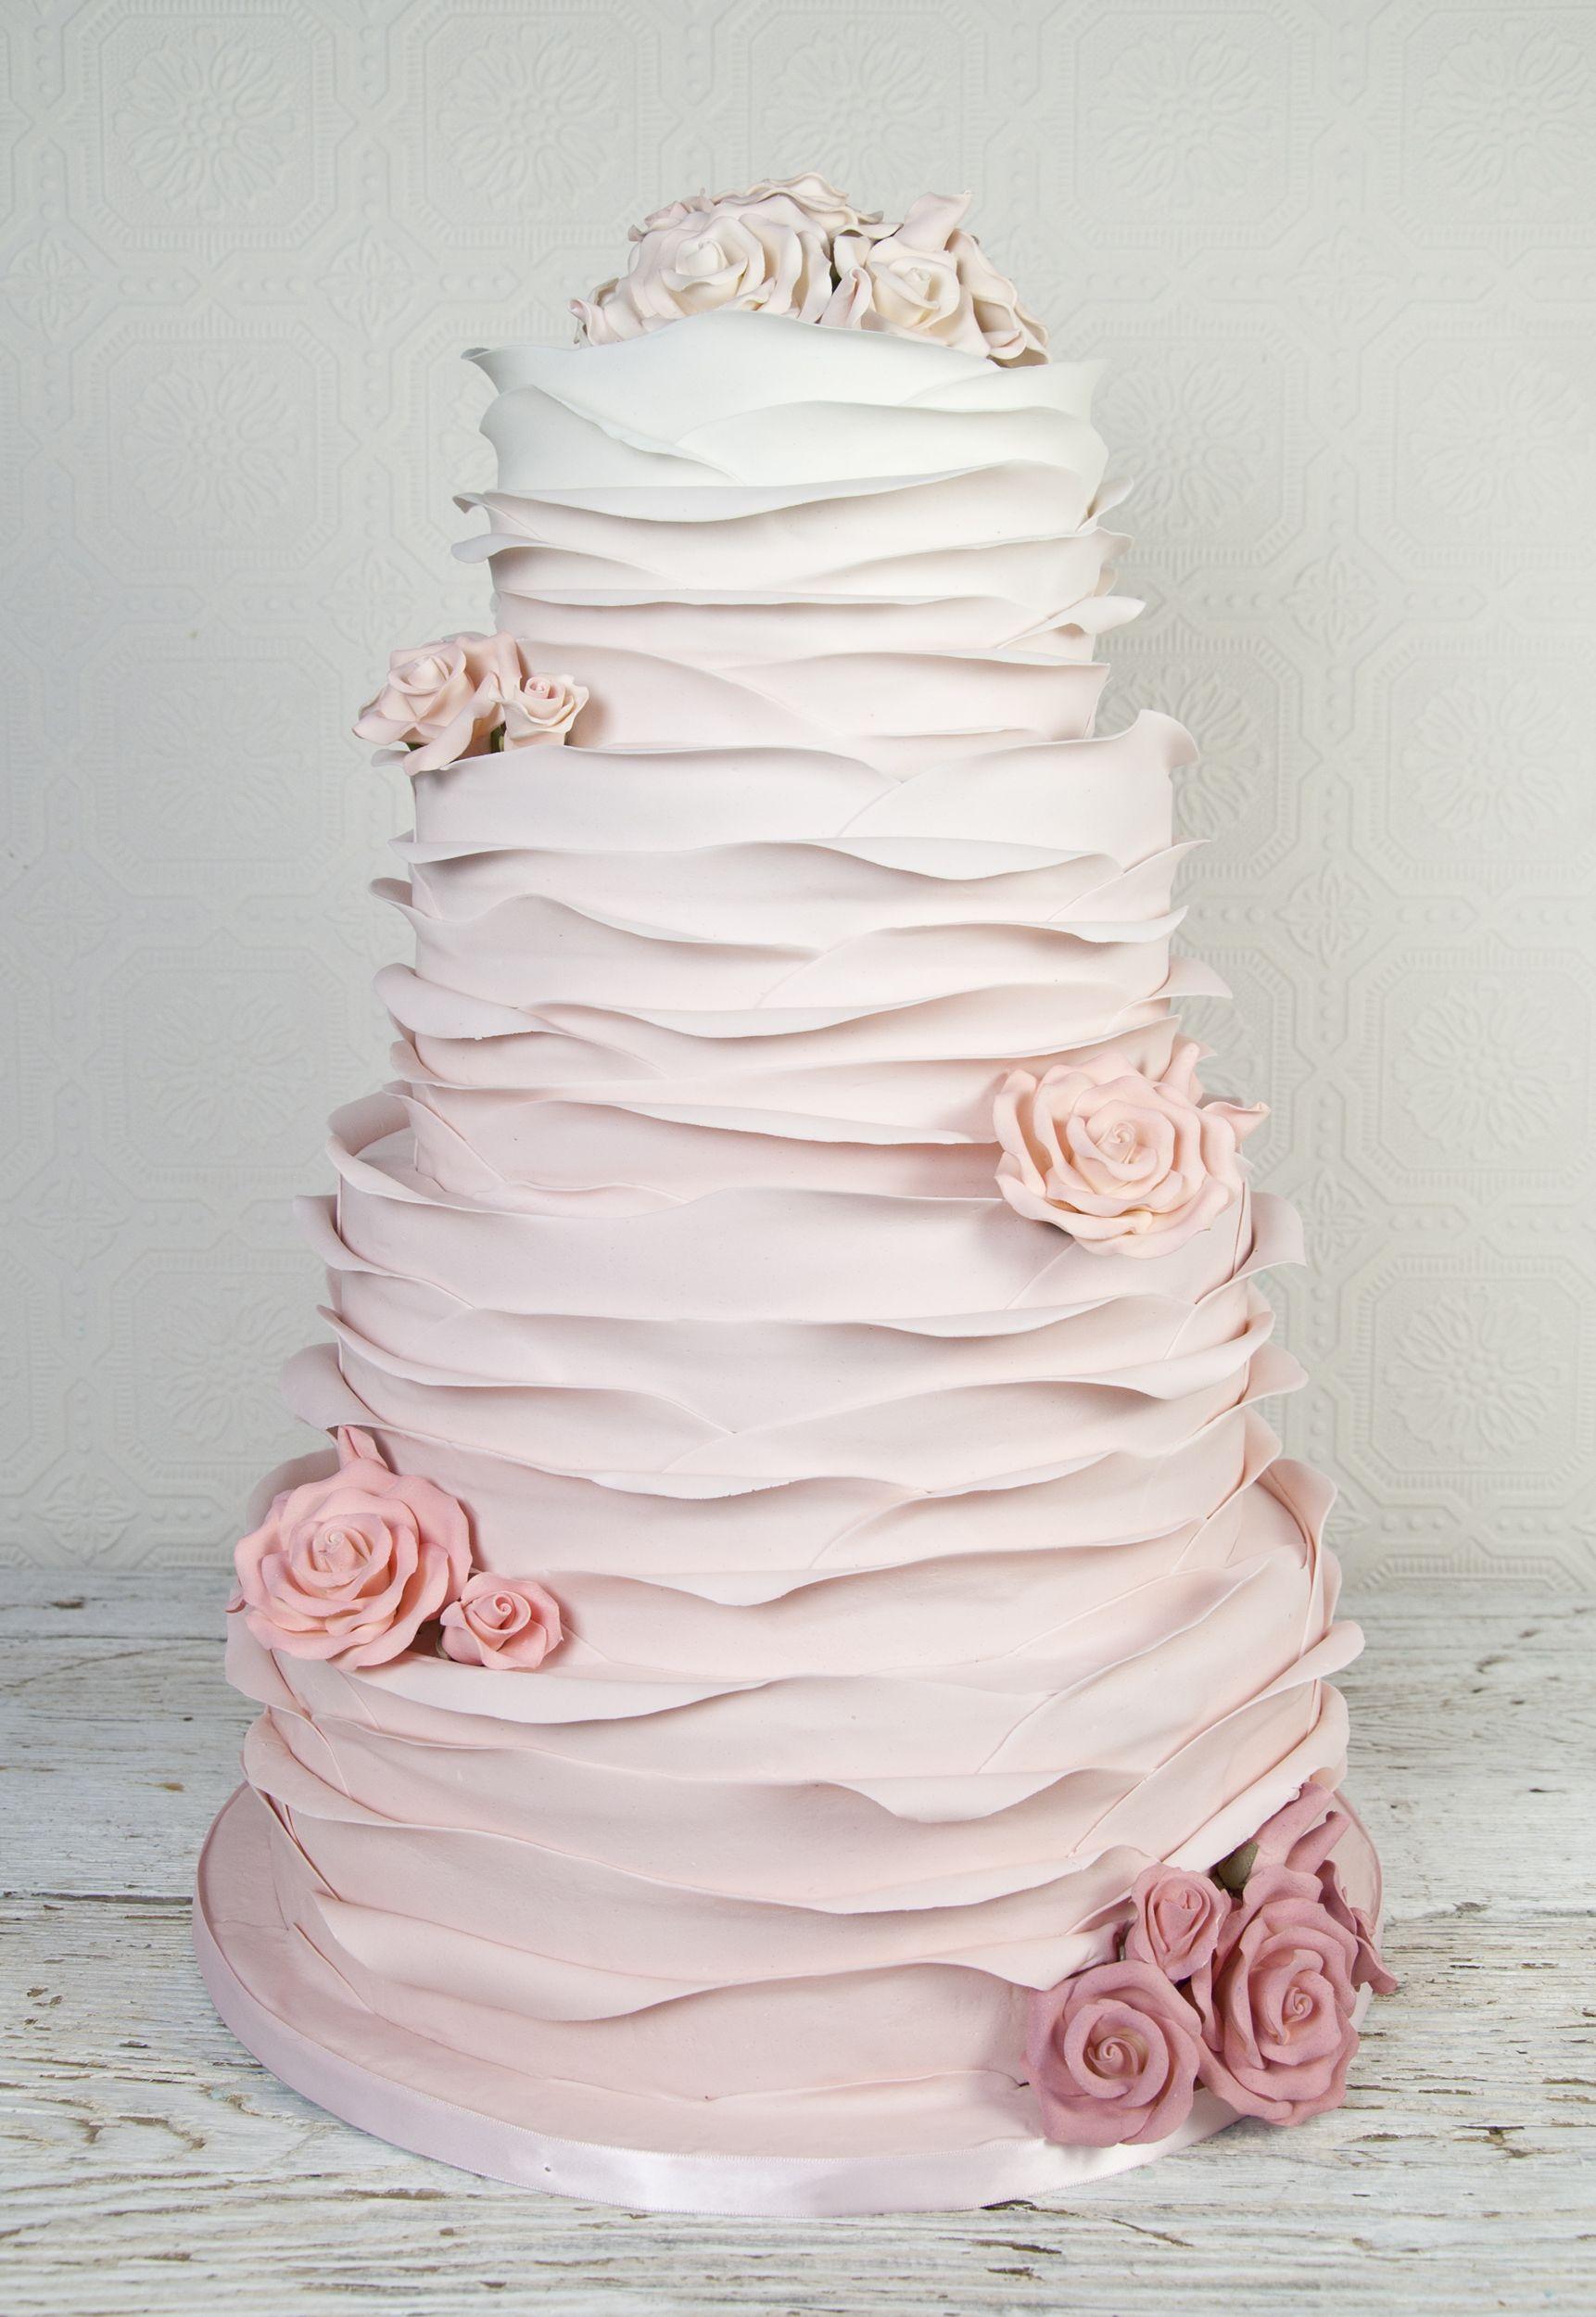 Benutzerdefinierte Hochzeitstorten – Für die Liebe zum Kuchen – Shop In-Store oder online   – my wedding